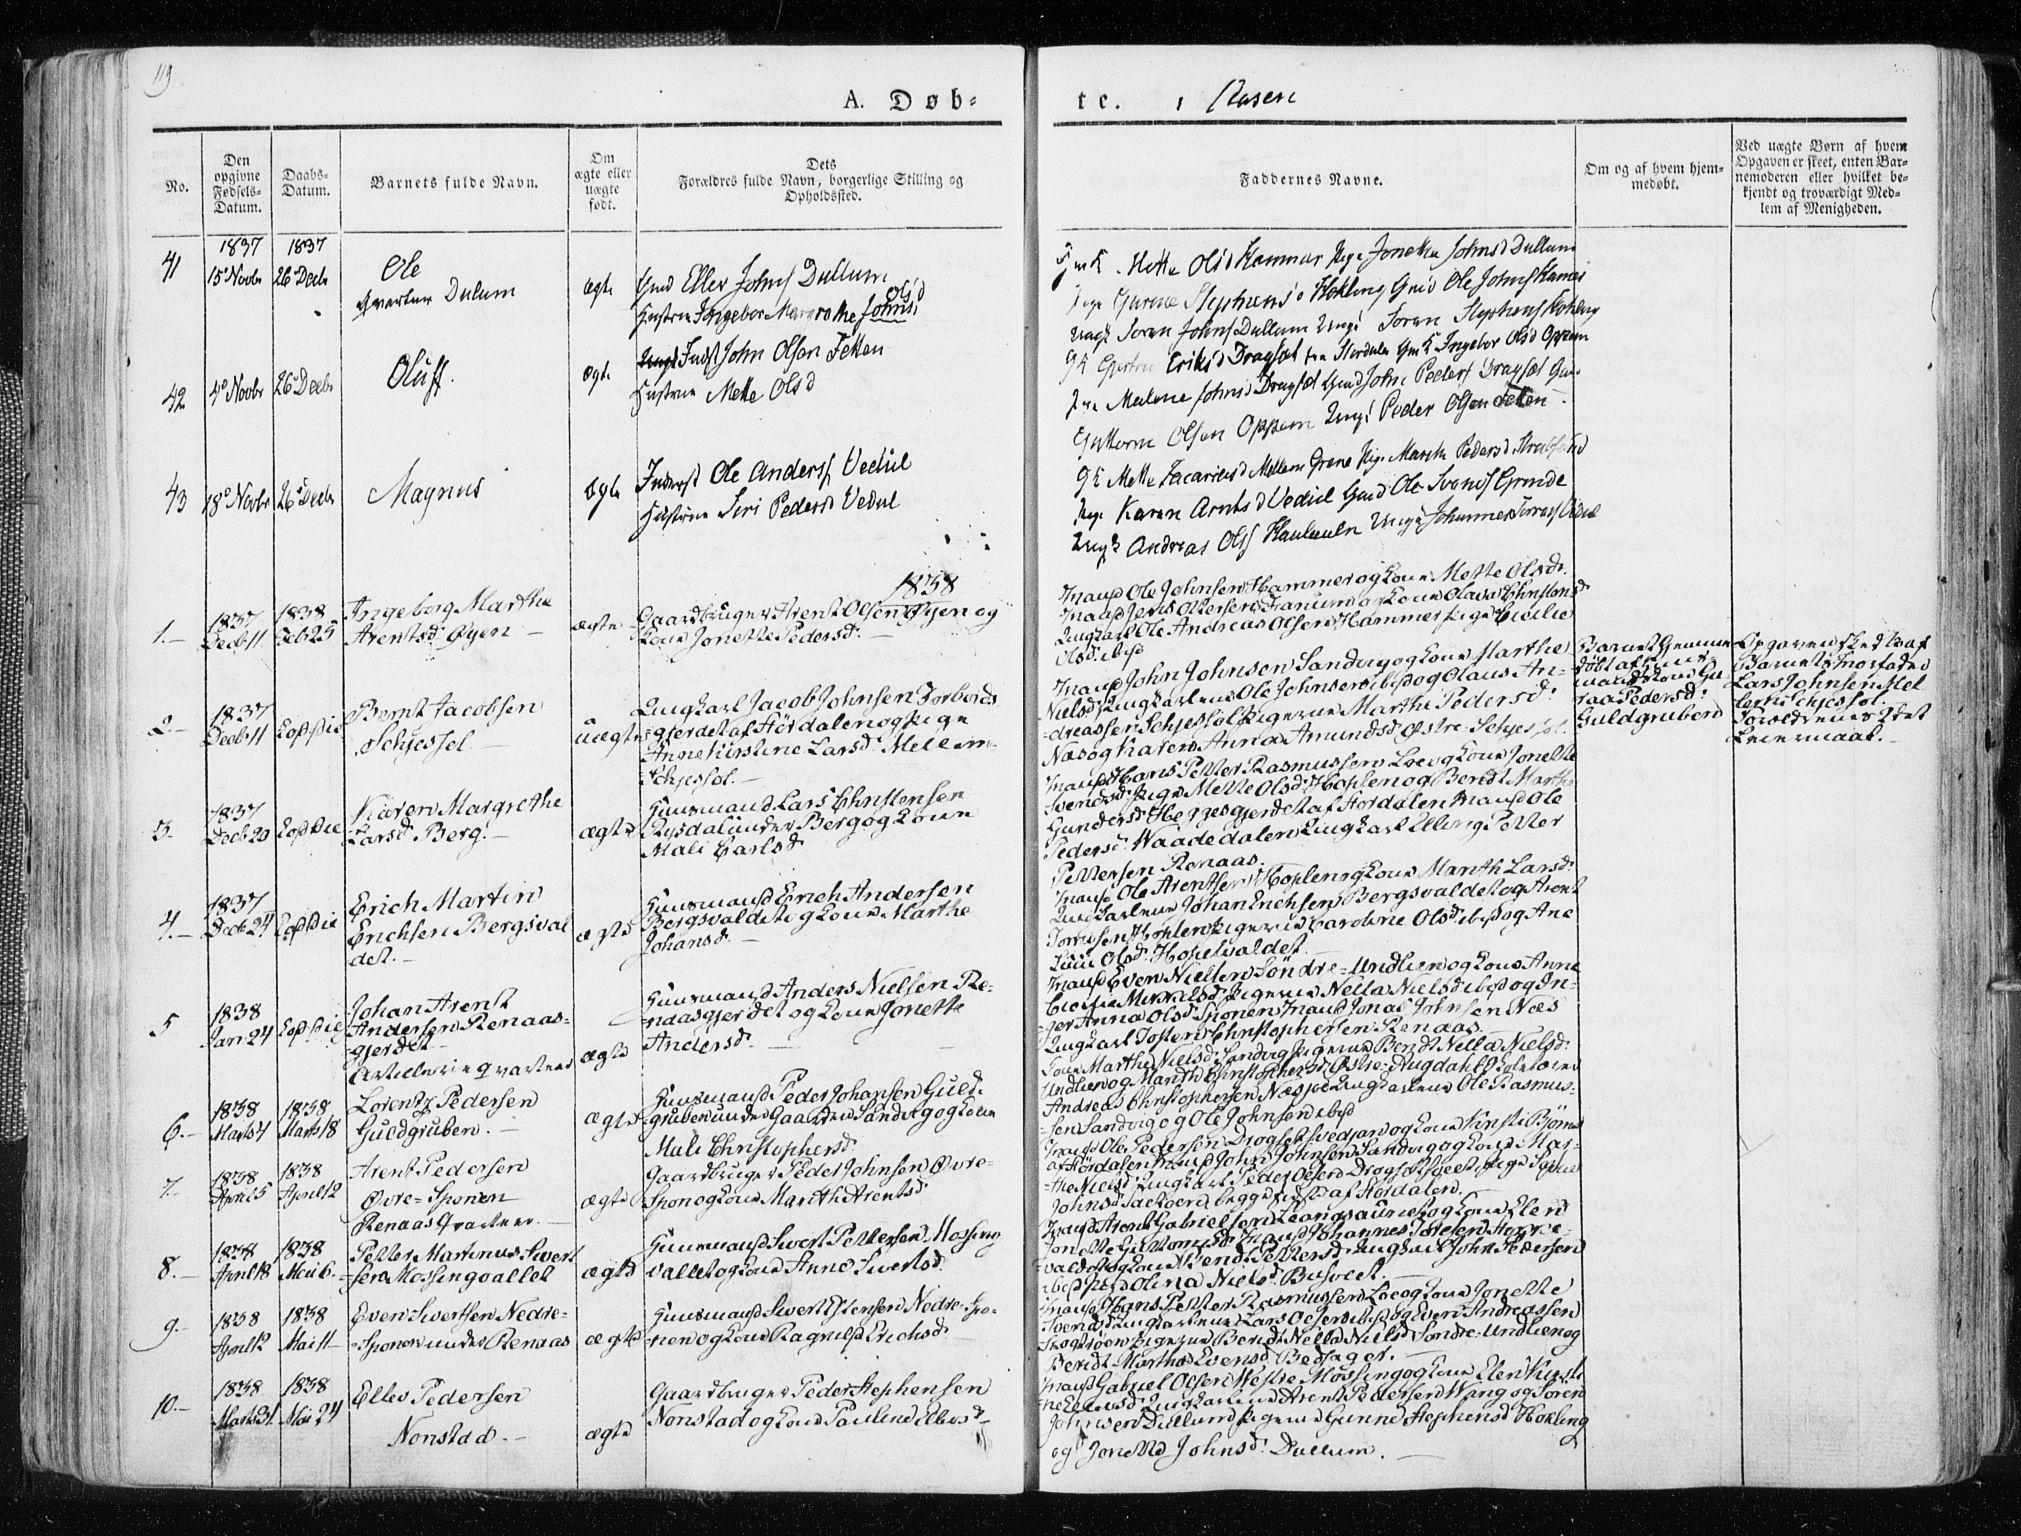 SAT, Ministerialprotokoller, klokkerbøker og fødselsregistre - Nord-Trøndelag, 713/L0114: Ministerialbok nr. 713A05, 1827-1839, s. 119